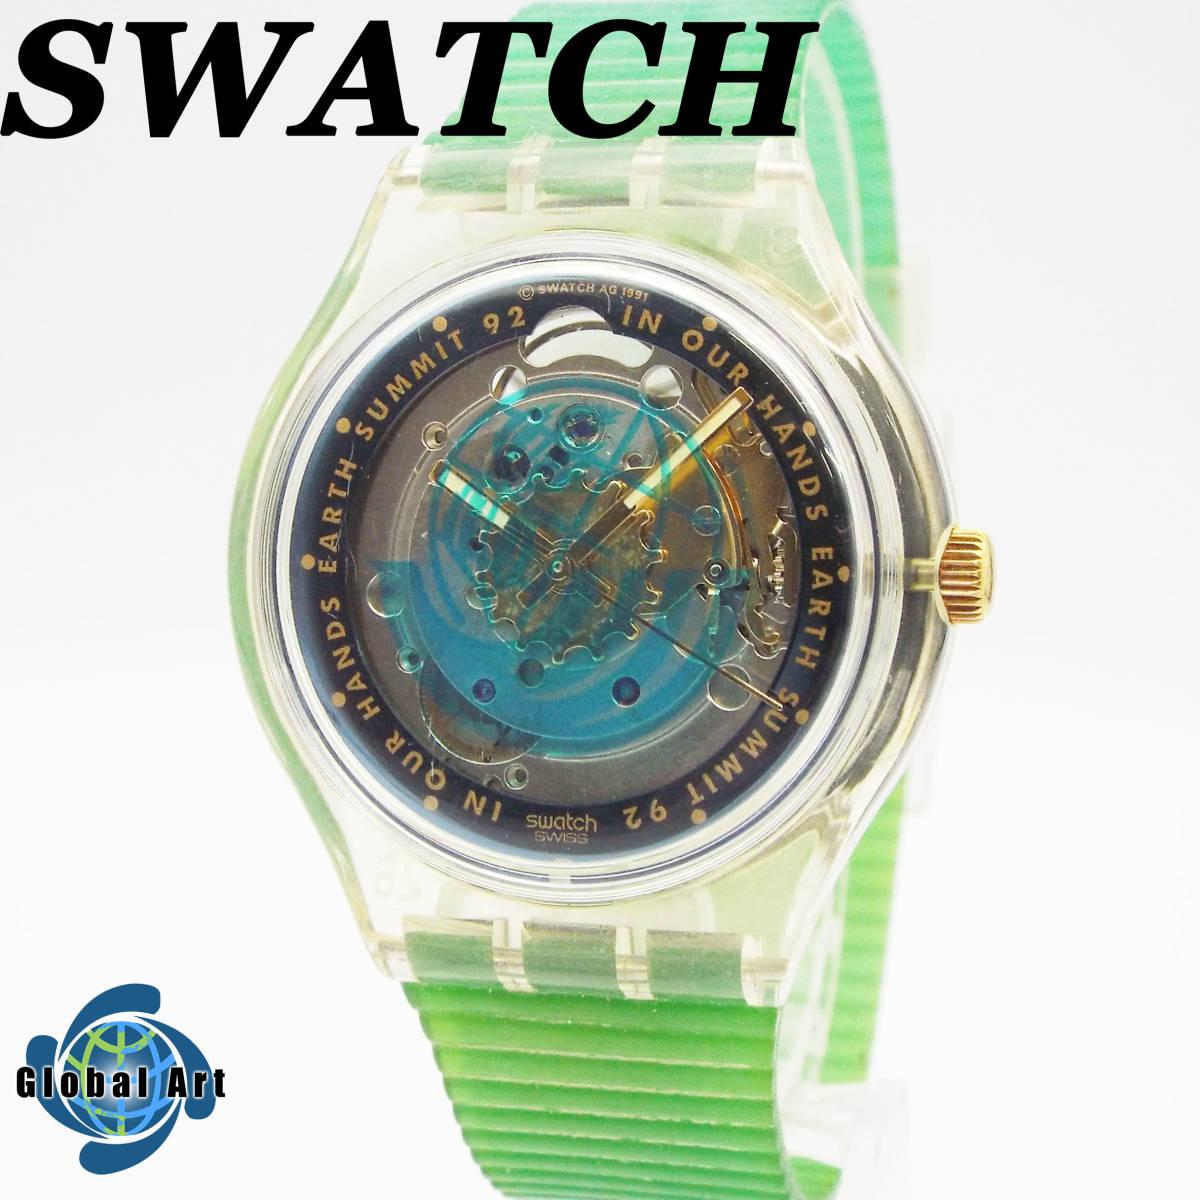 あ09118/SWATCH スウォッチ/IN OUR HANDS EARTH SUMMIT 92 アースサミット/自動巻/腕時計/スケルトン/グリーン/スイス製/箱付